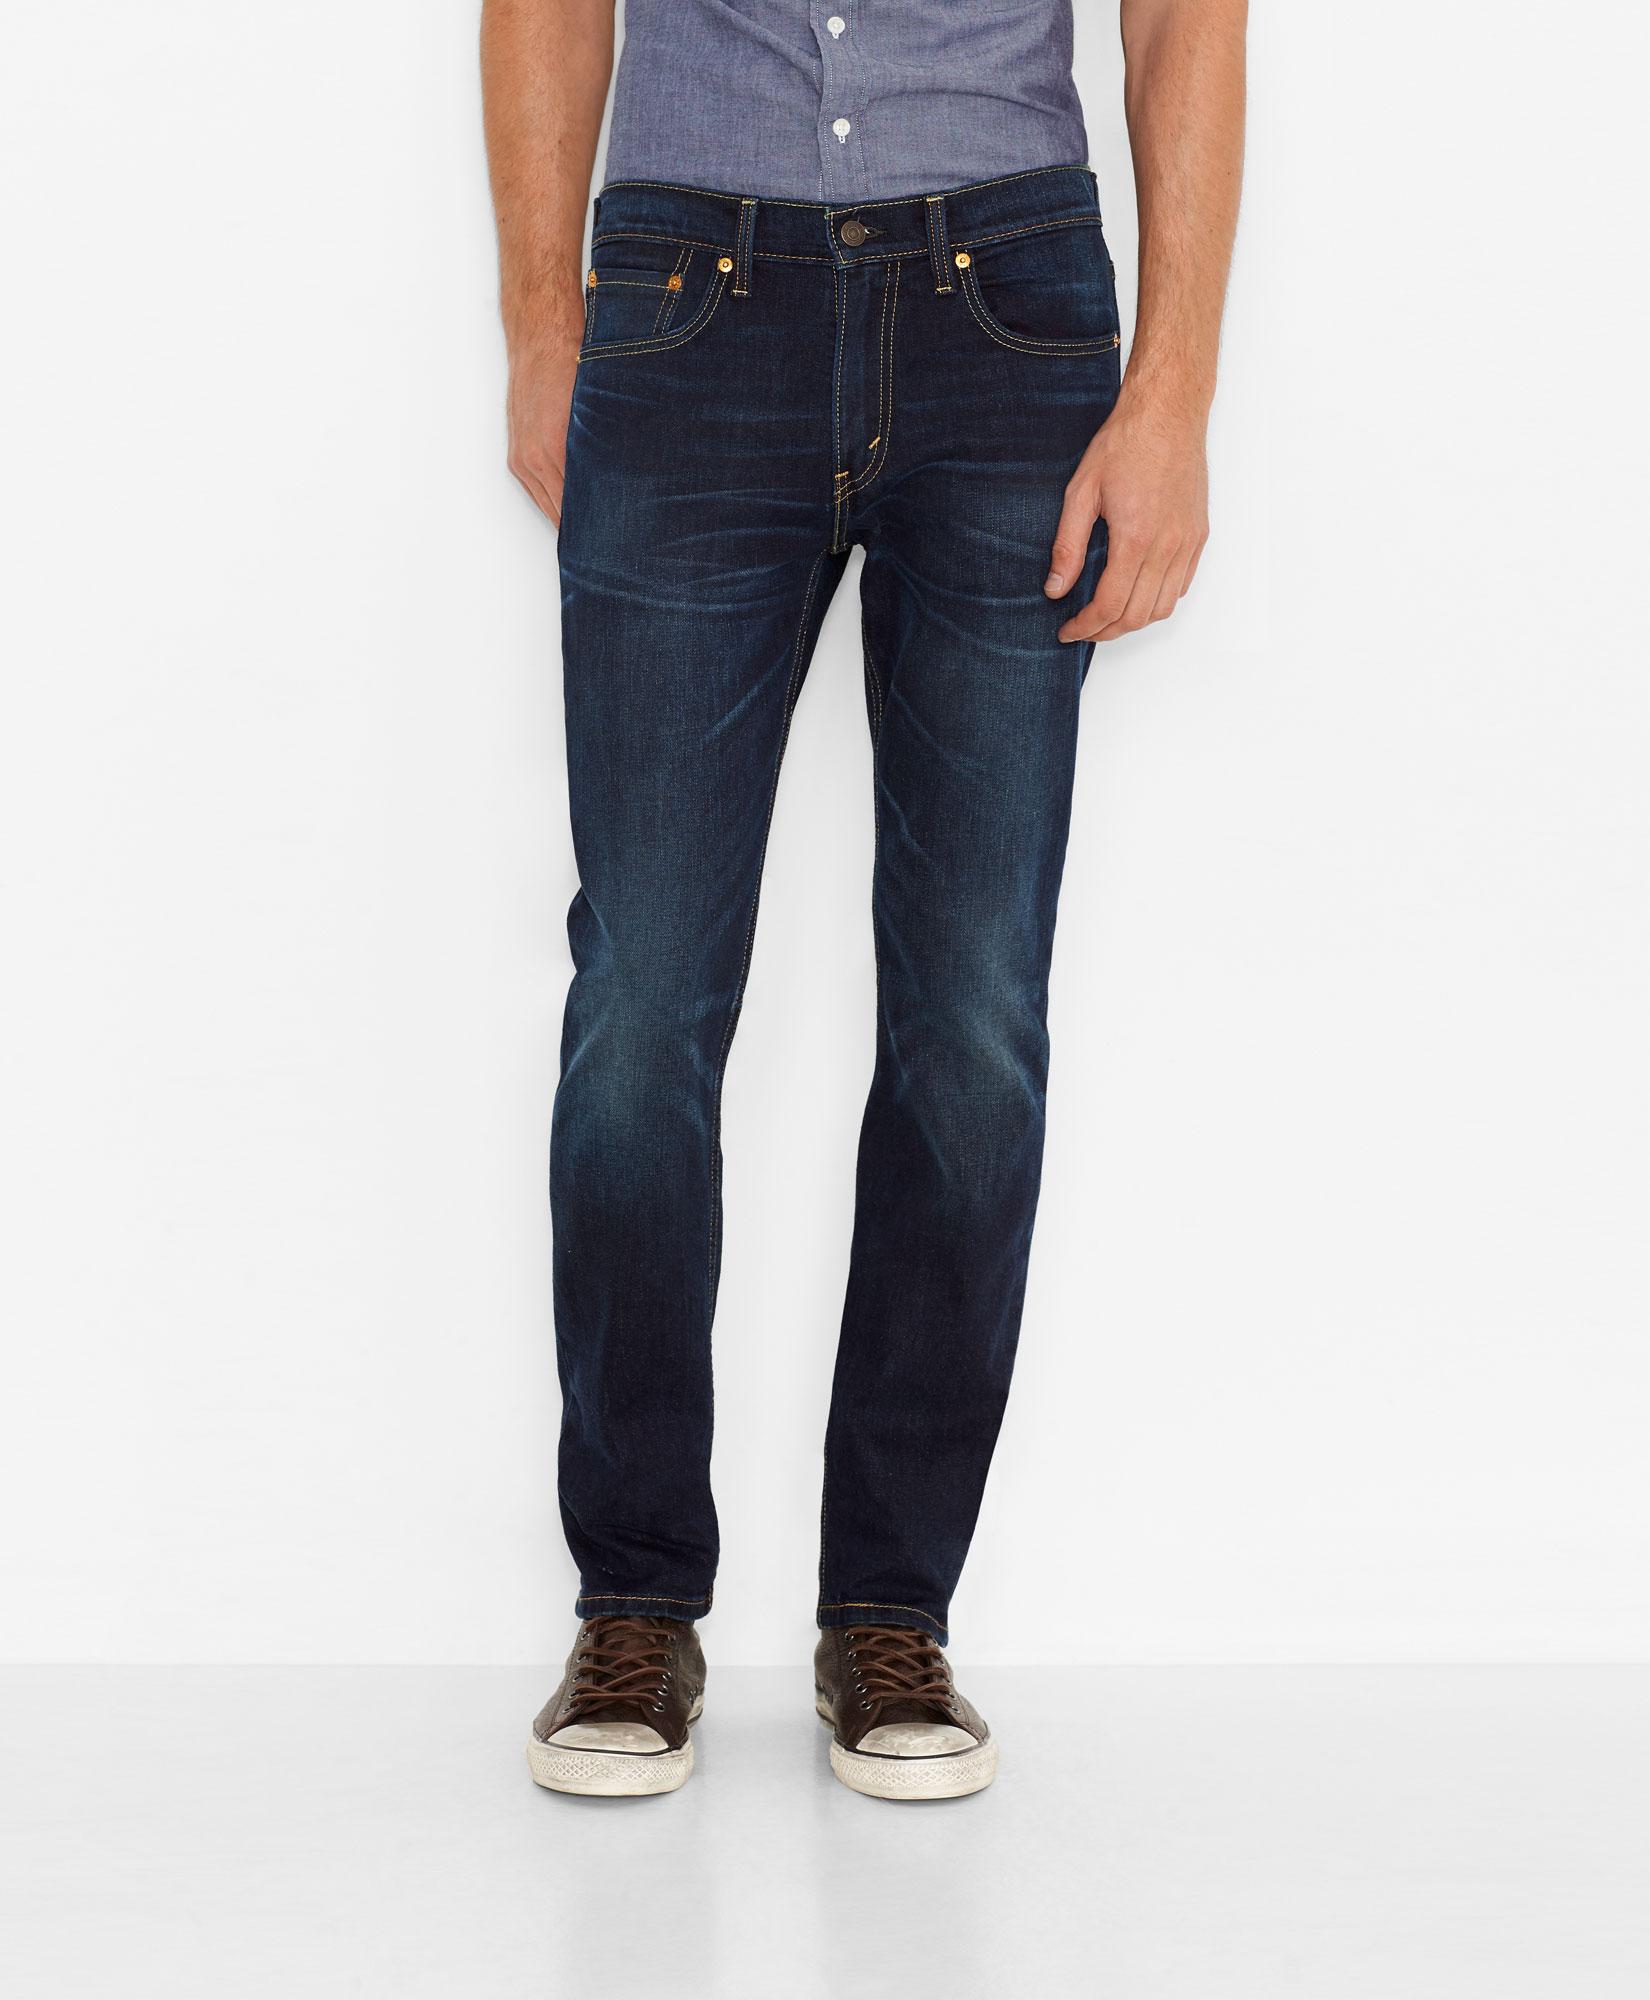 美國百分百【全新真品】Levis 511 Slim Fit 男 牛仔褲 直筒褲 合身 單寧 深藍刷白 28 31 32腰 E264